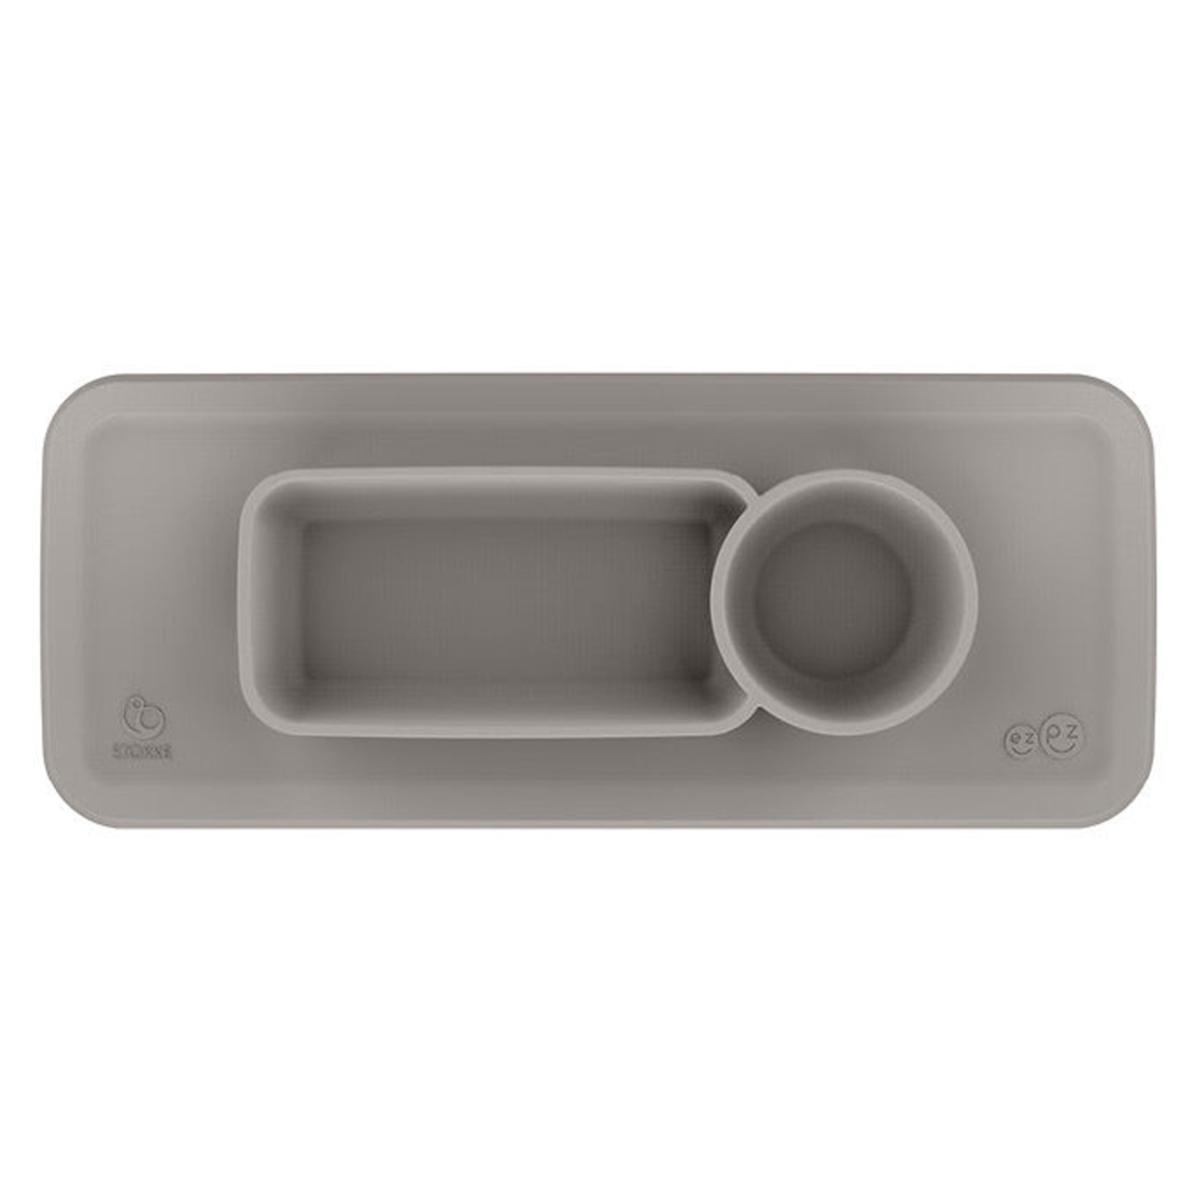 Vaisselle & Couvert Set de Table Clikk - Gris Set de Table Clikk - Gris